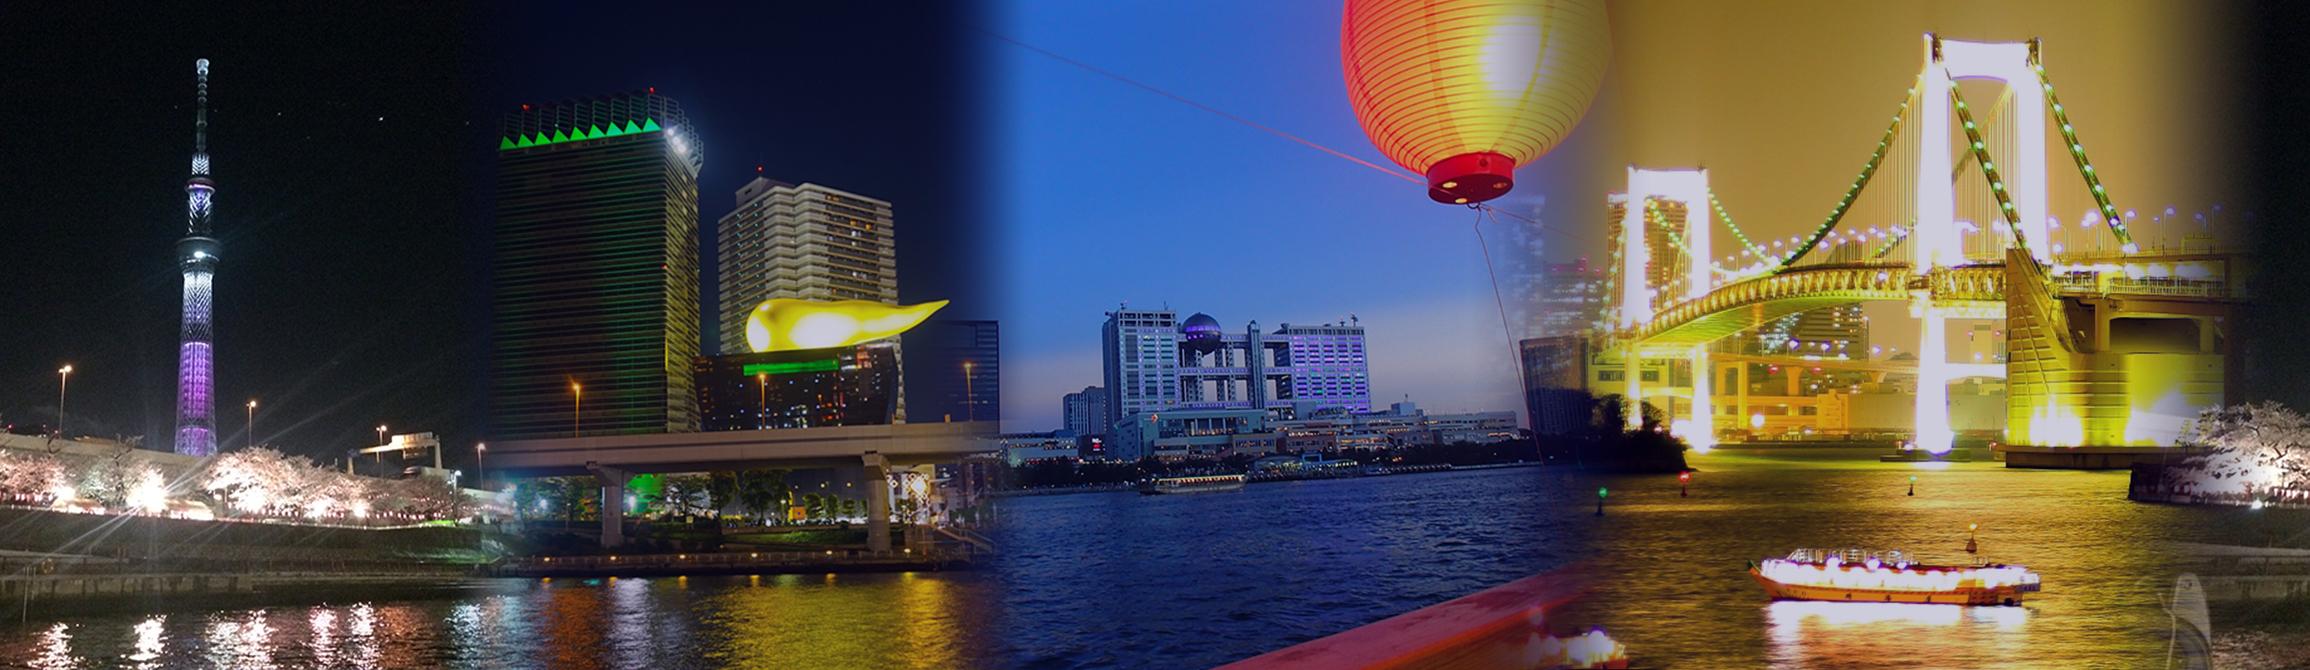 屋形船 山田屋:充実した東京港内周遊コースで江戸「さんぽ」トップ画像